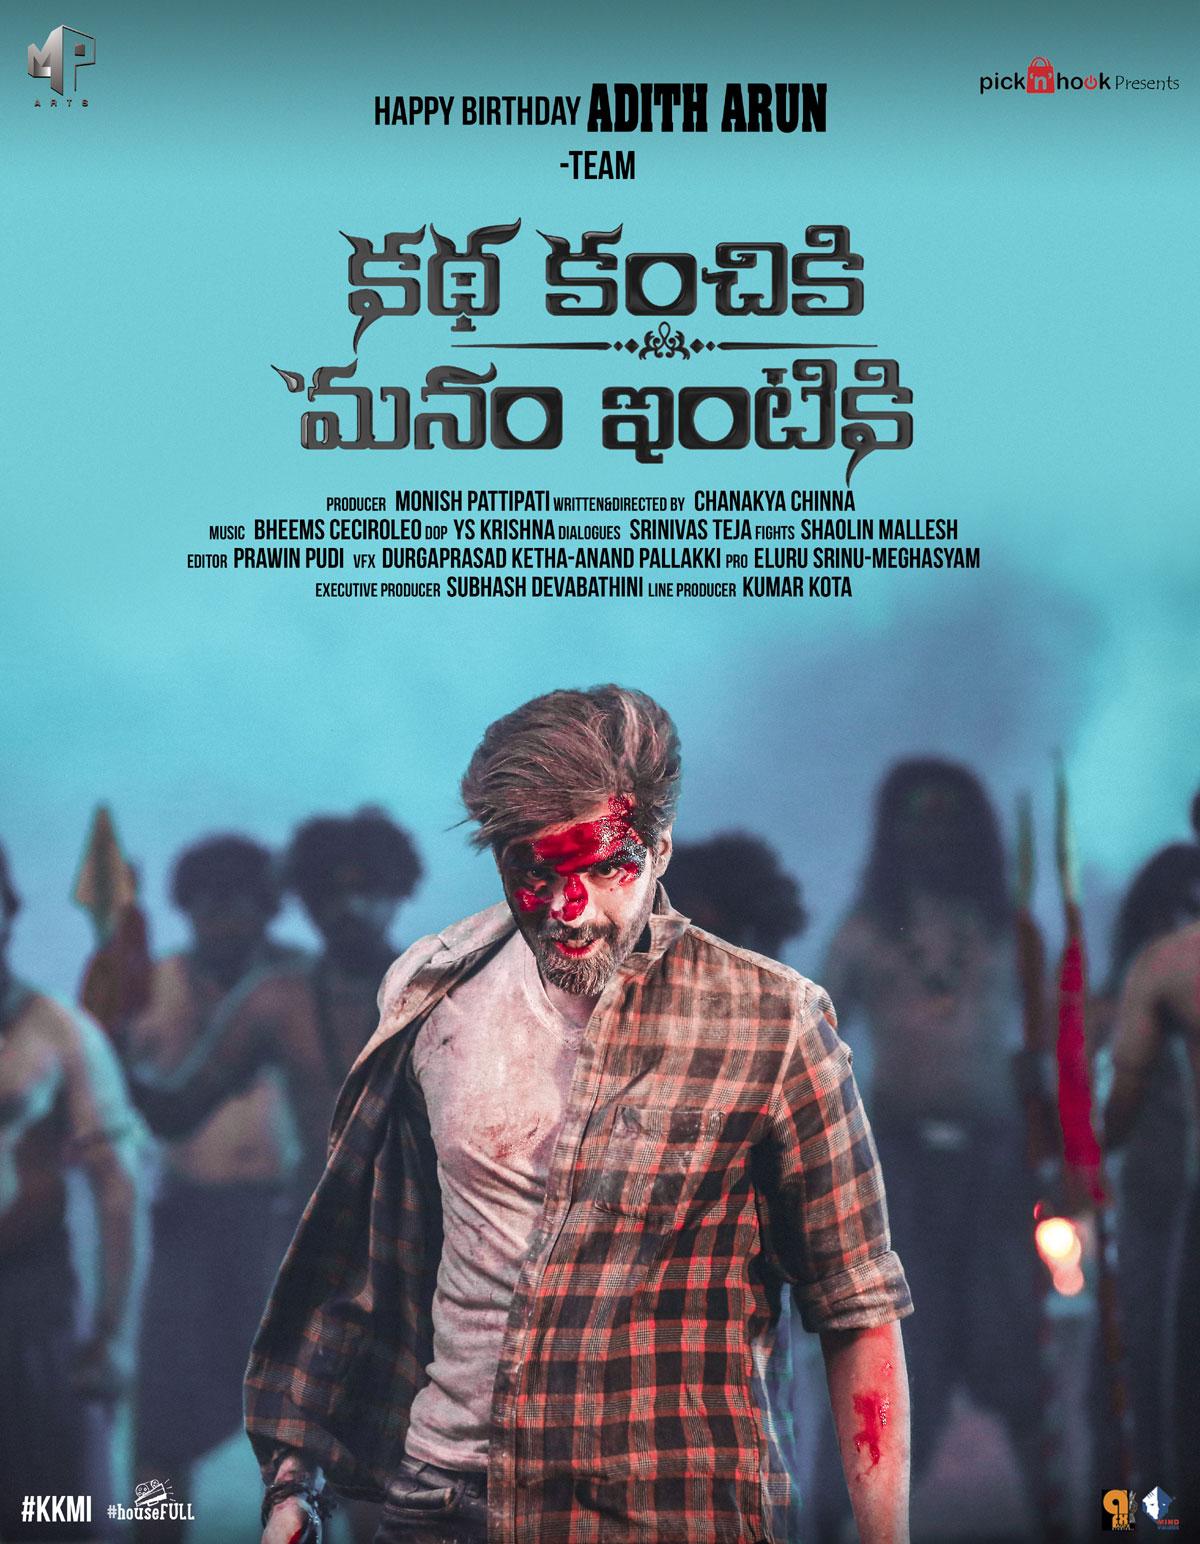 katha kanchiki manam intiki movie,first look katha kanchiki manam intiki,adith arun  కథ కంచికి మనం ఇంటికి ఫస్ట్ లుక్